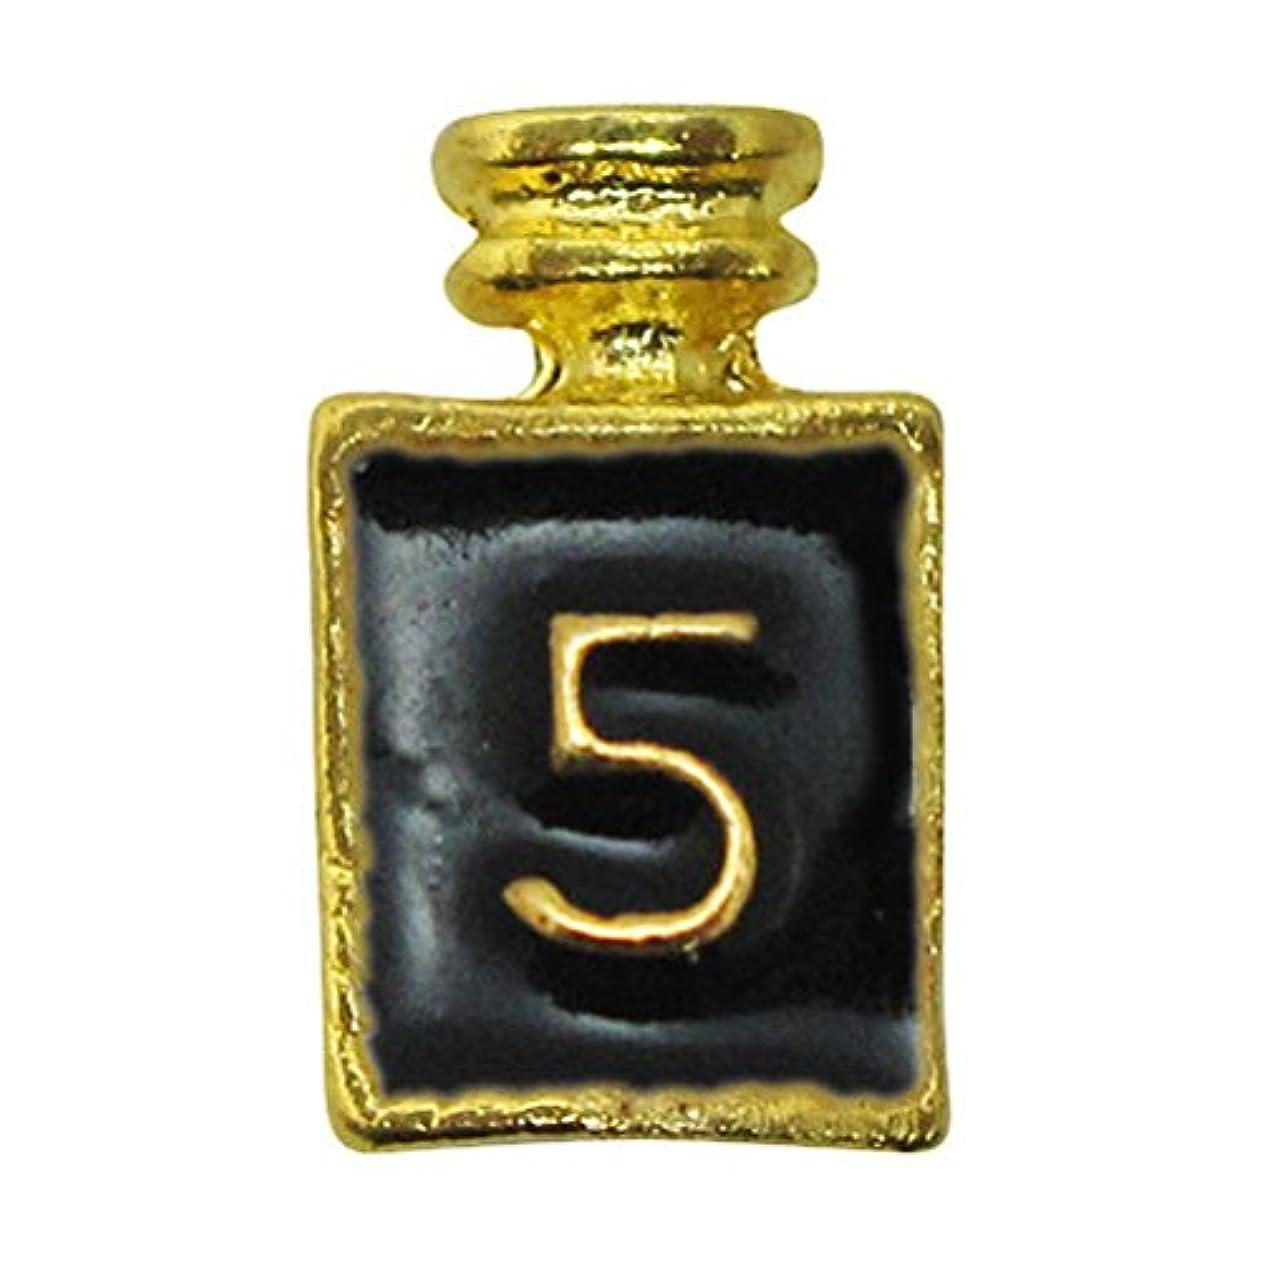 ハイブリッドアロング先祖サンシャインベビー ジェルネイル コロン No.5 ブラック 2P